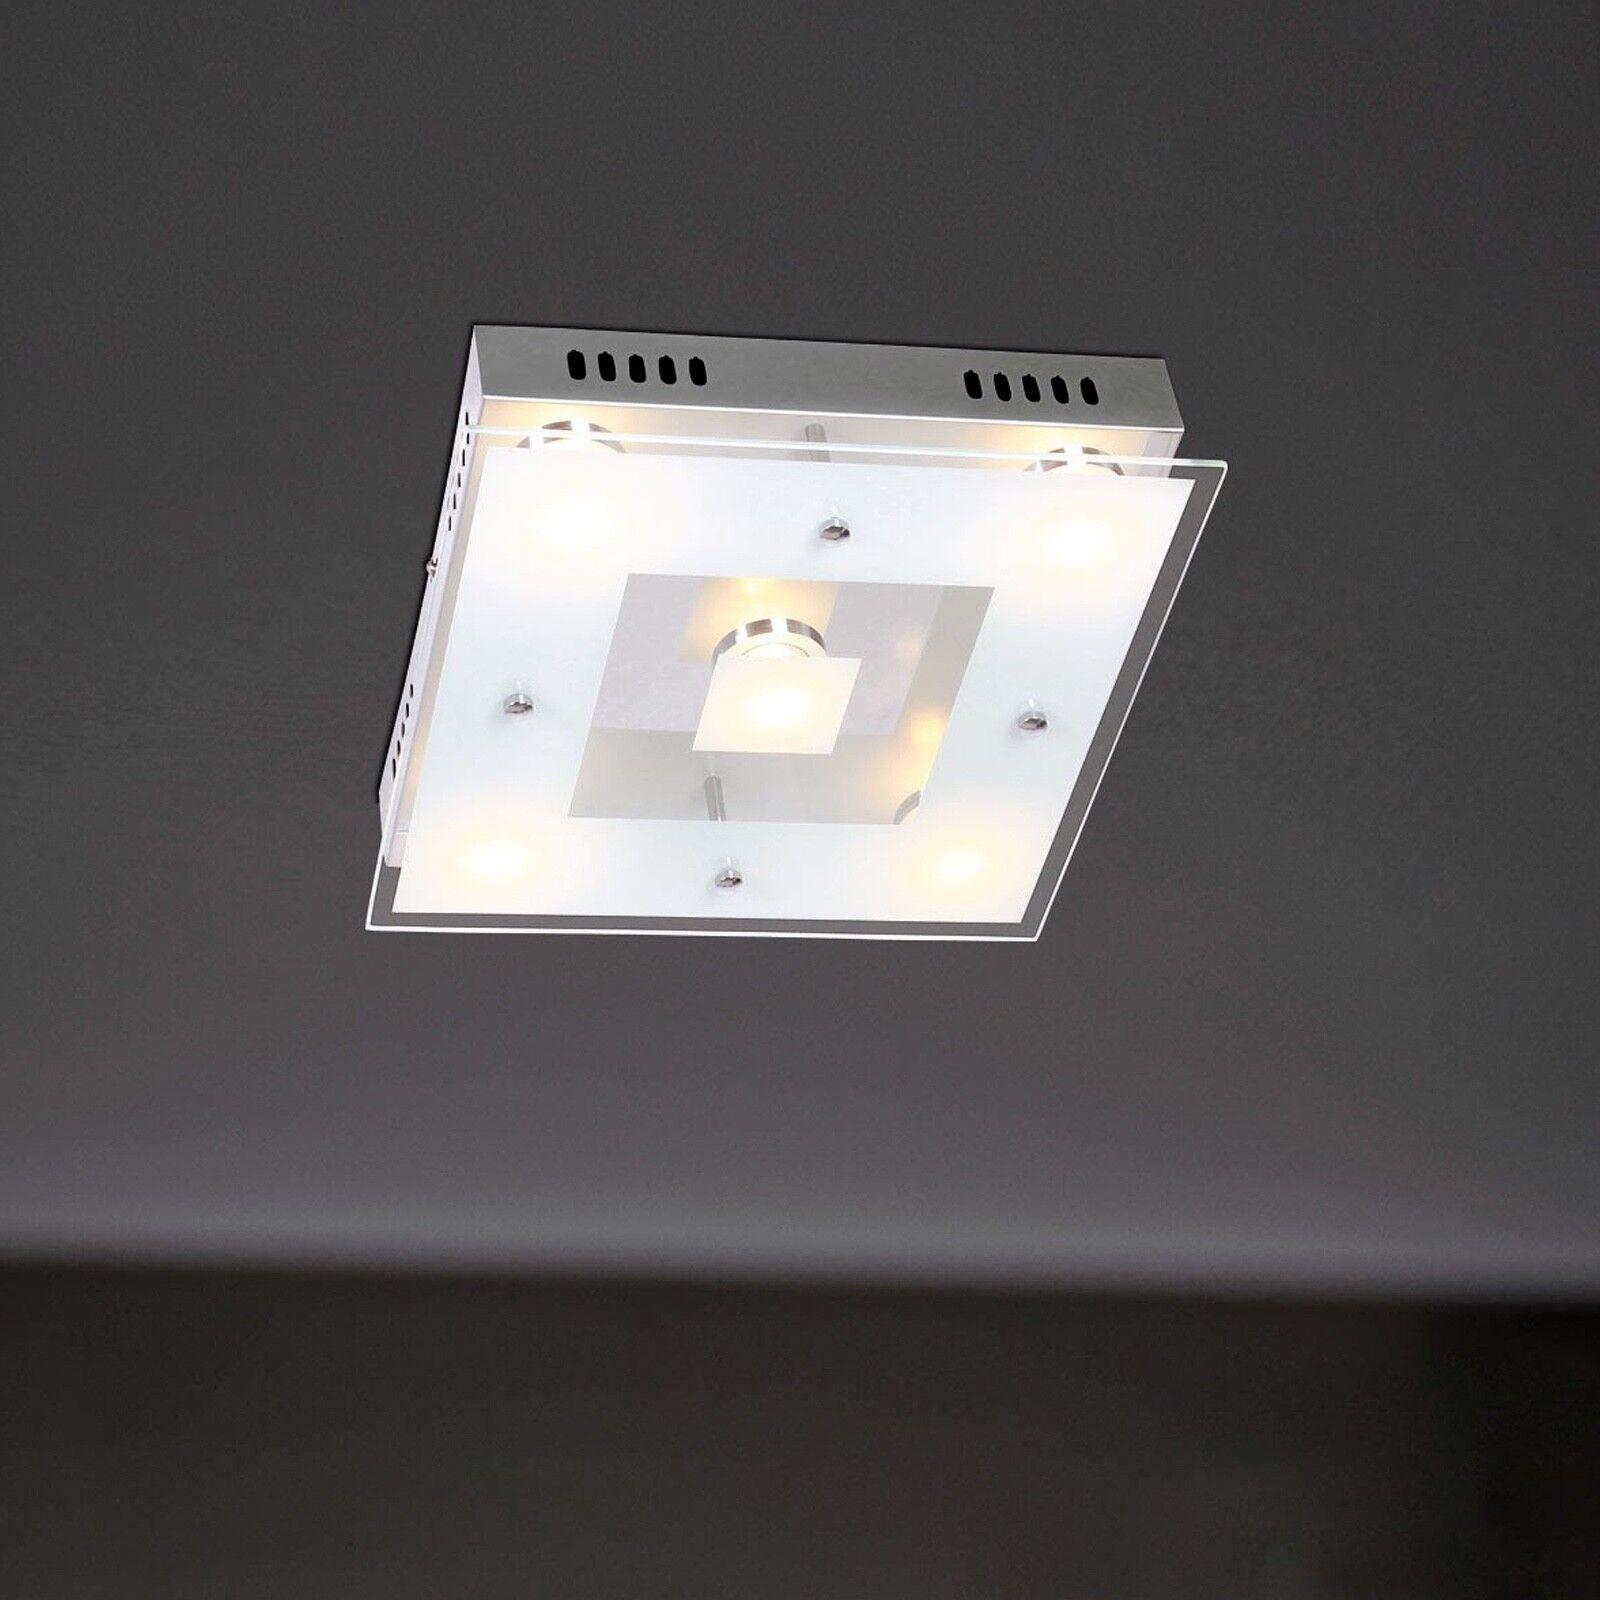 Wofi LED Lampada da da da soffitto Sphinx 5-flg CROMO VETRO RETTANGOLARE 30 cm 25 W 2100 lumen NUOVO 838e0e